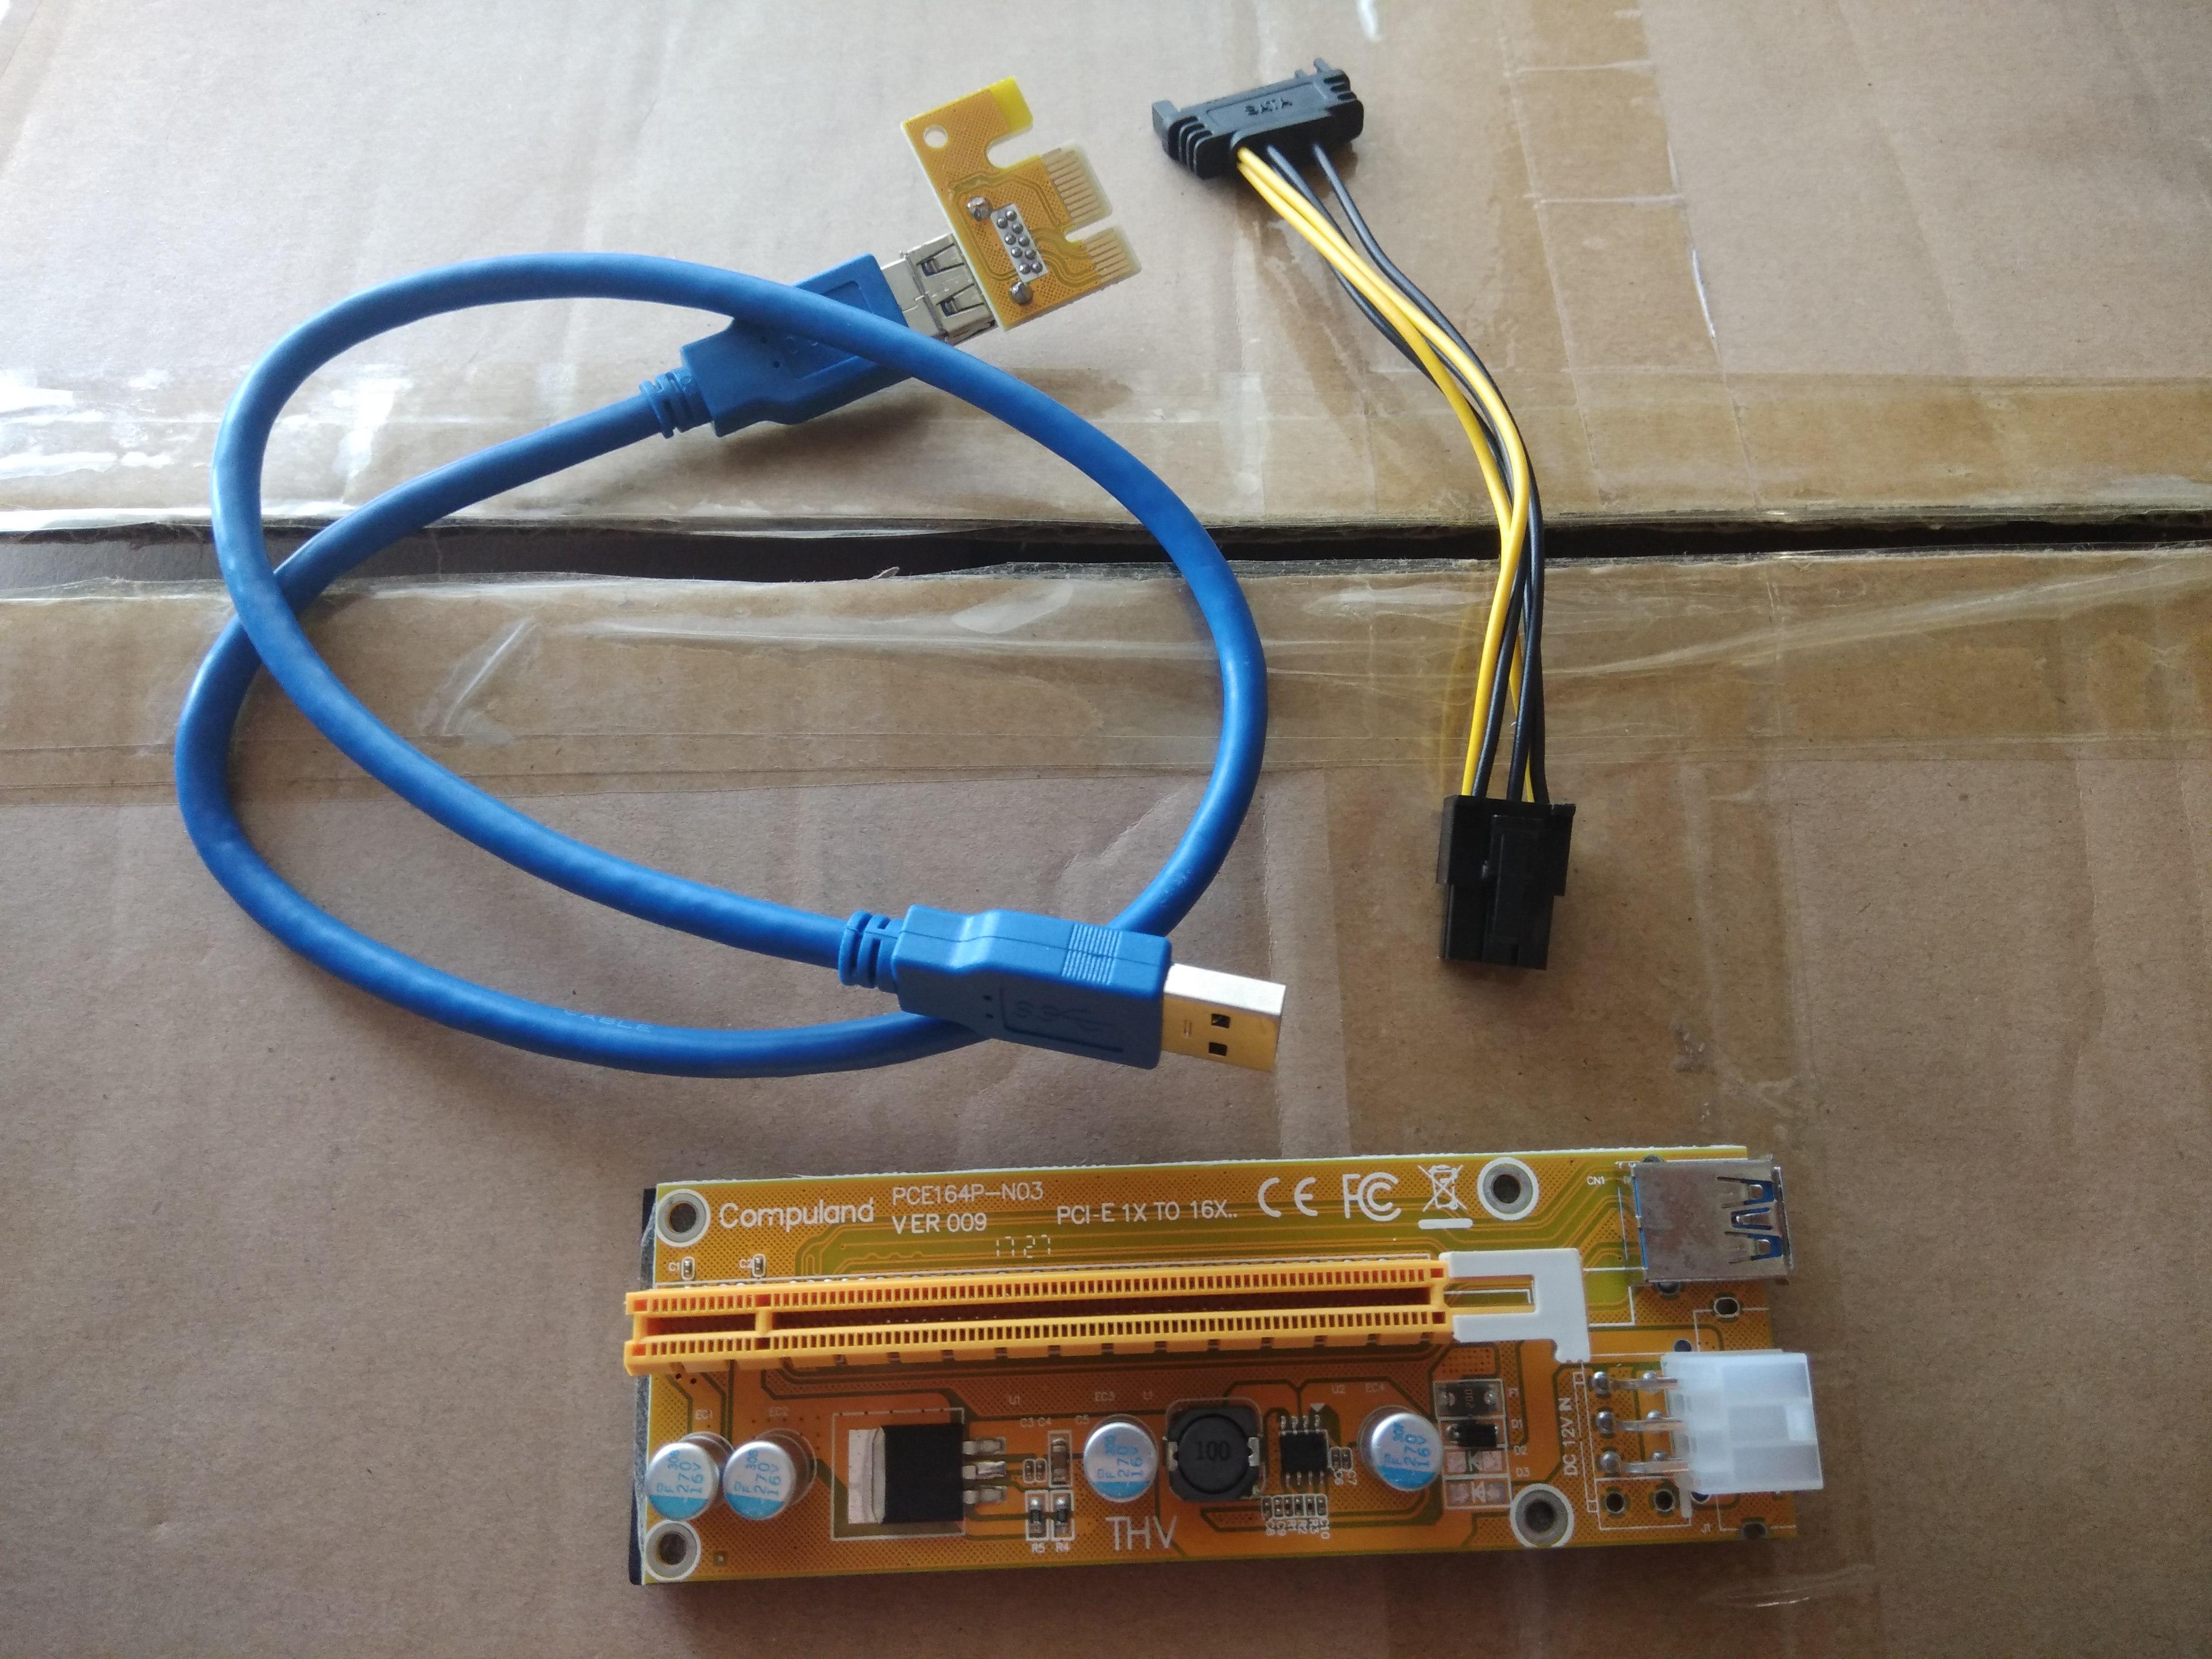 Райзера 6pin ver 009 + кабель usb 3.0 60 см